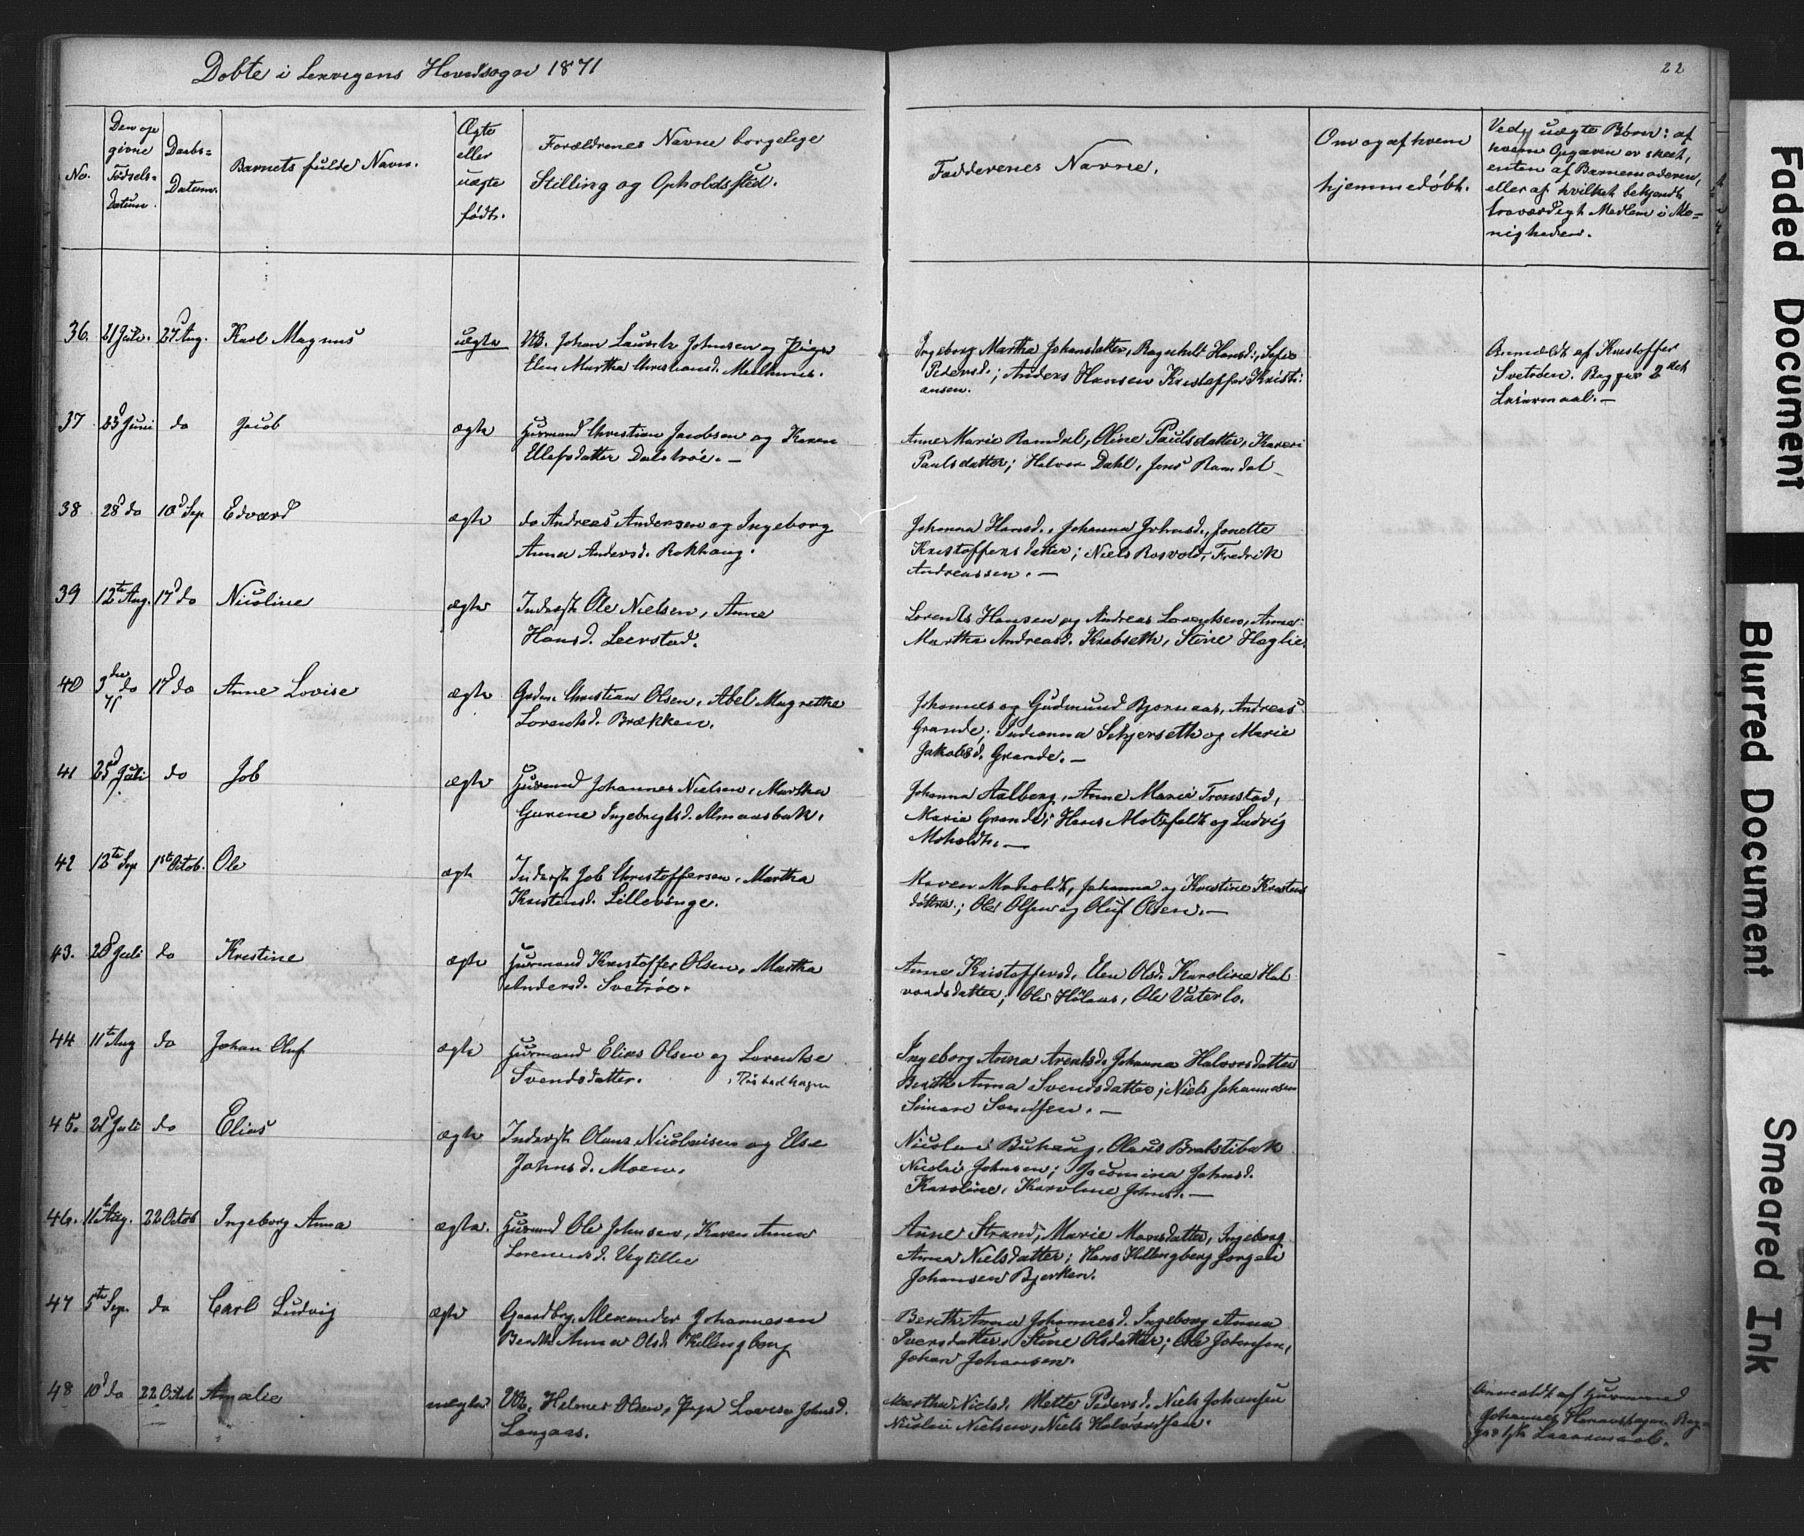 SAT, Ministerialprotokoller, klokkerbøker og fødselsregistre - Nord-Trøndelag, 701/L0018: Klokkerbok nr. 701C02, 1868-1872, s. 22